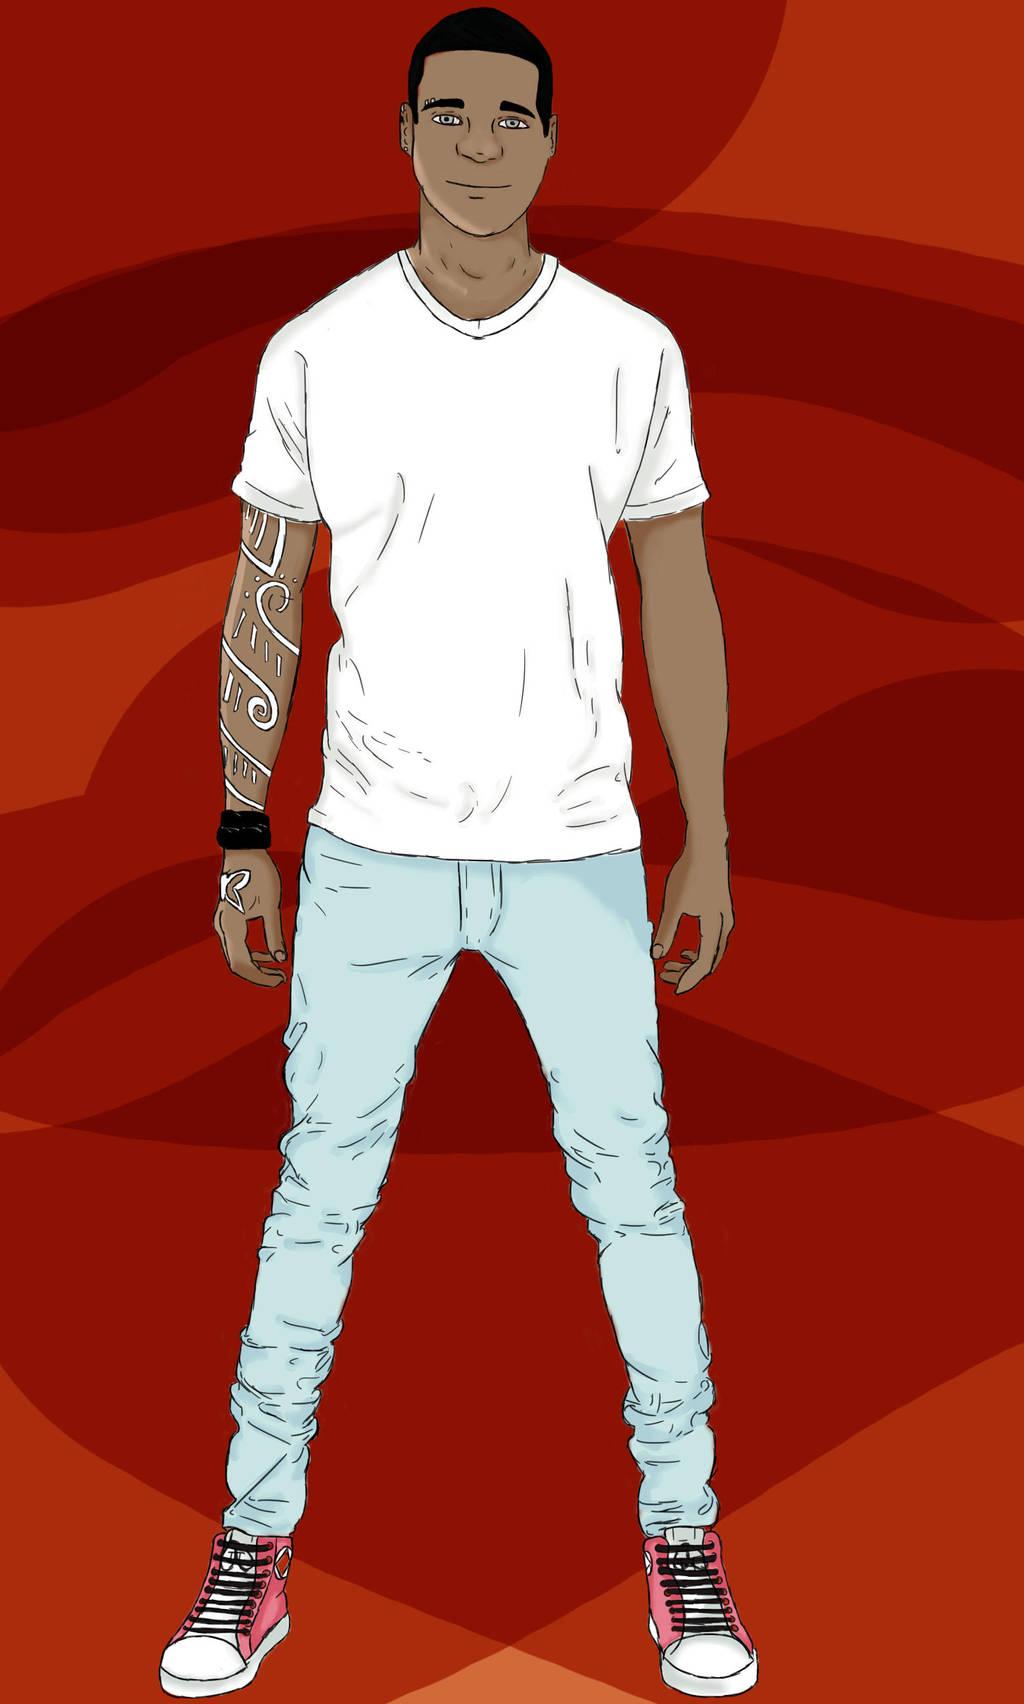 Lamar by KillerMakaChop